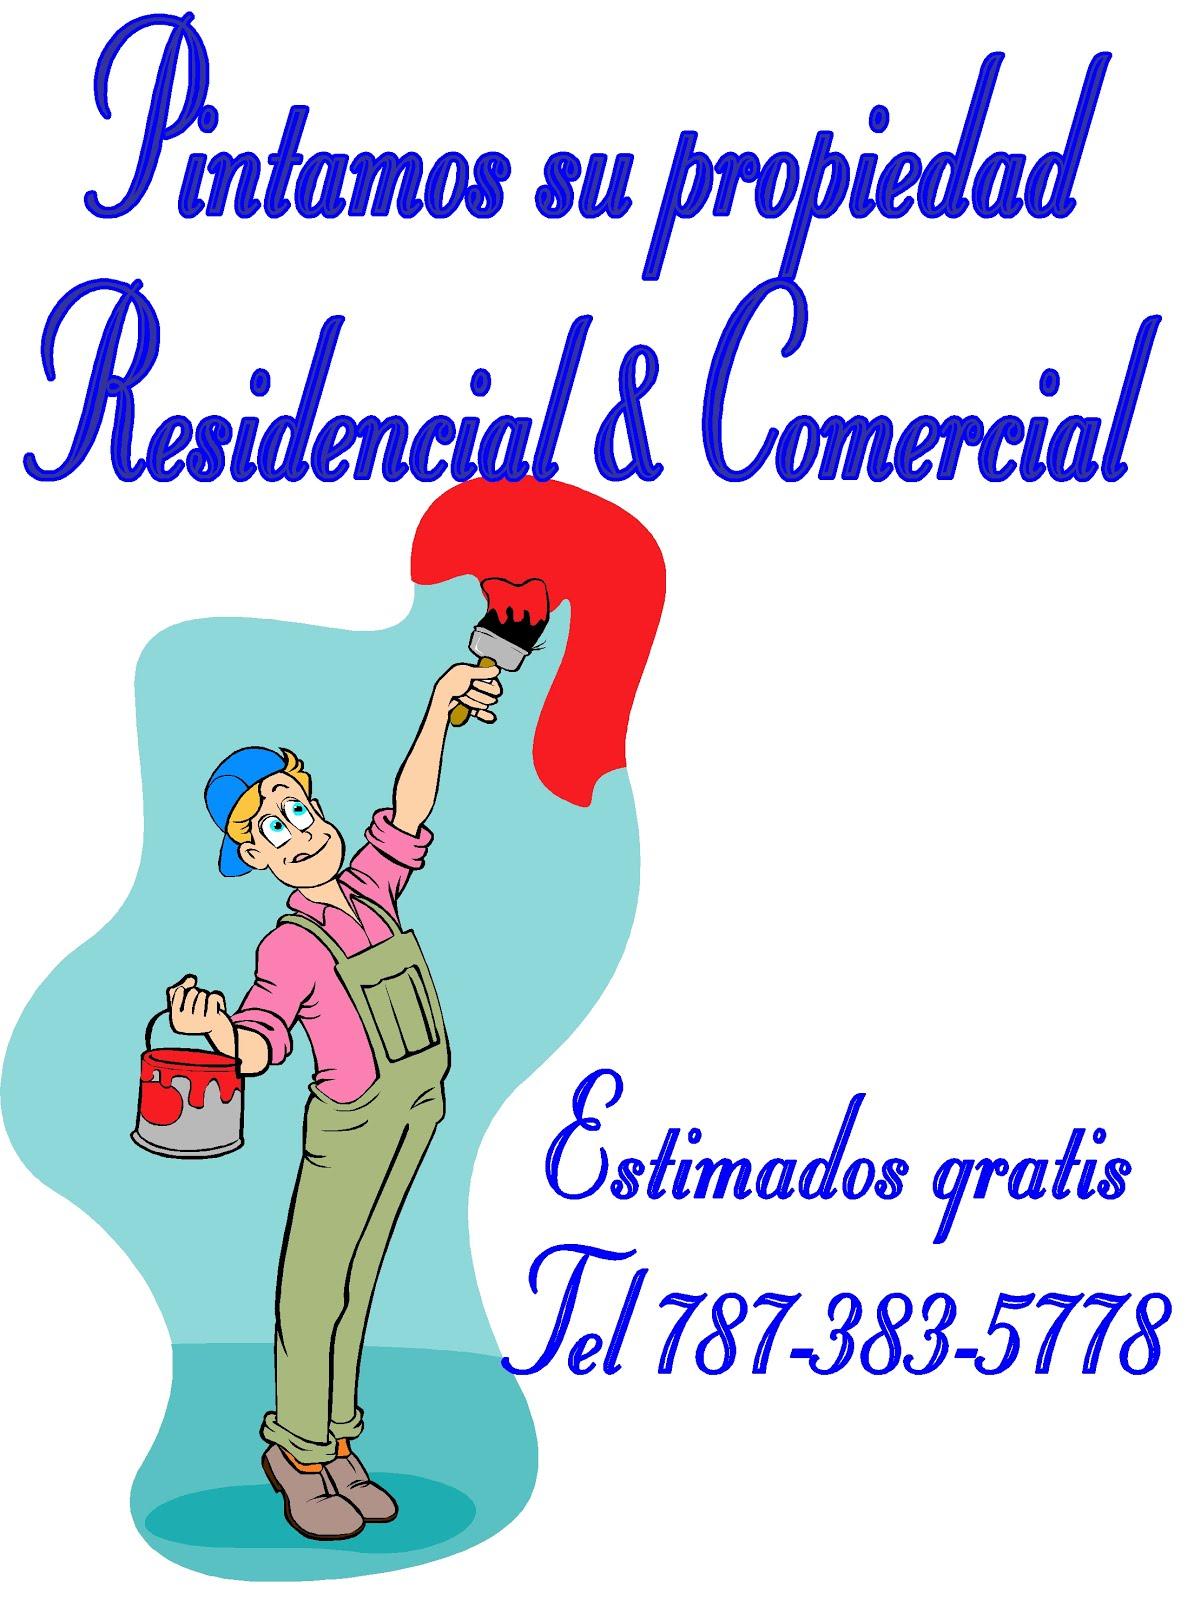 Pintamos su propiedad, Residencial, Comercial & Industrial